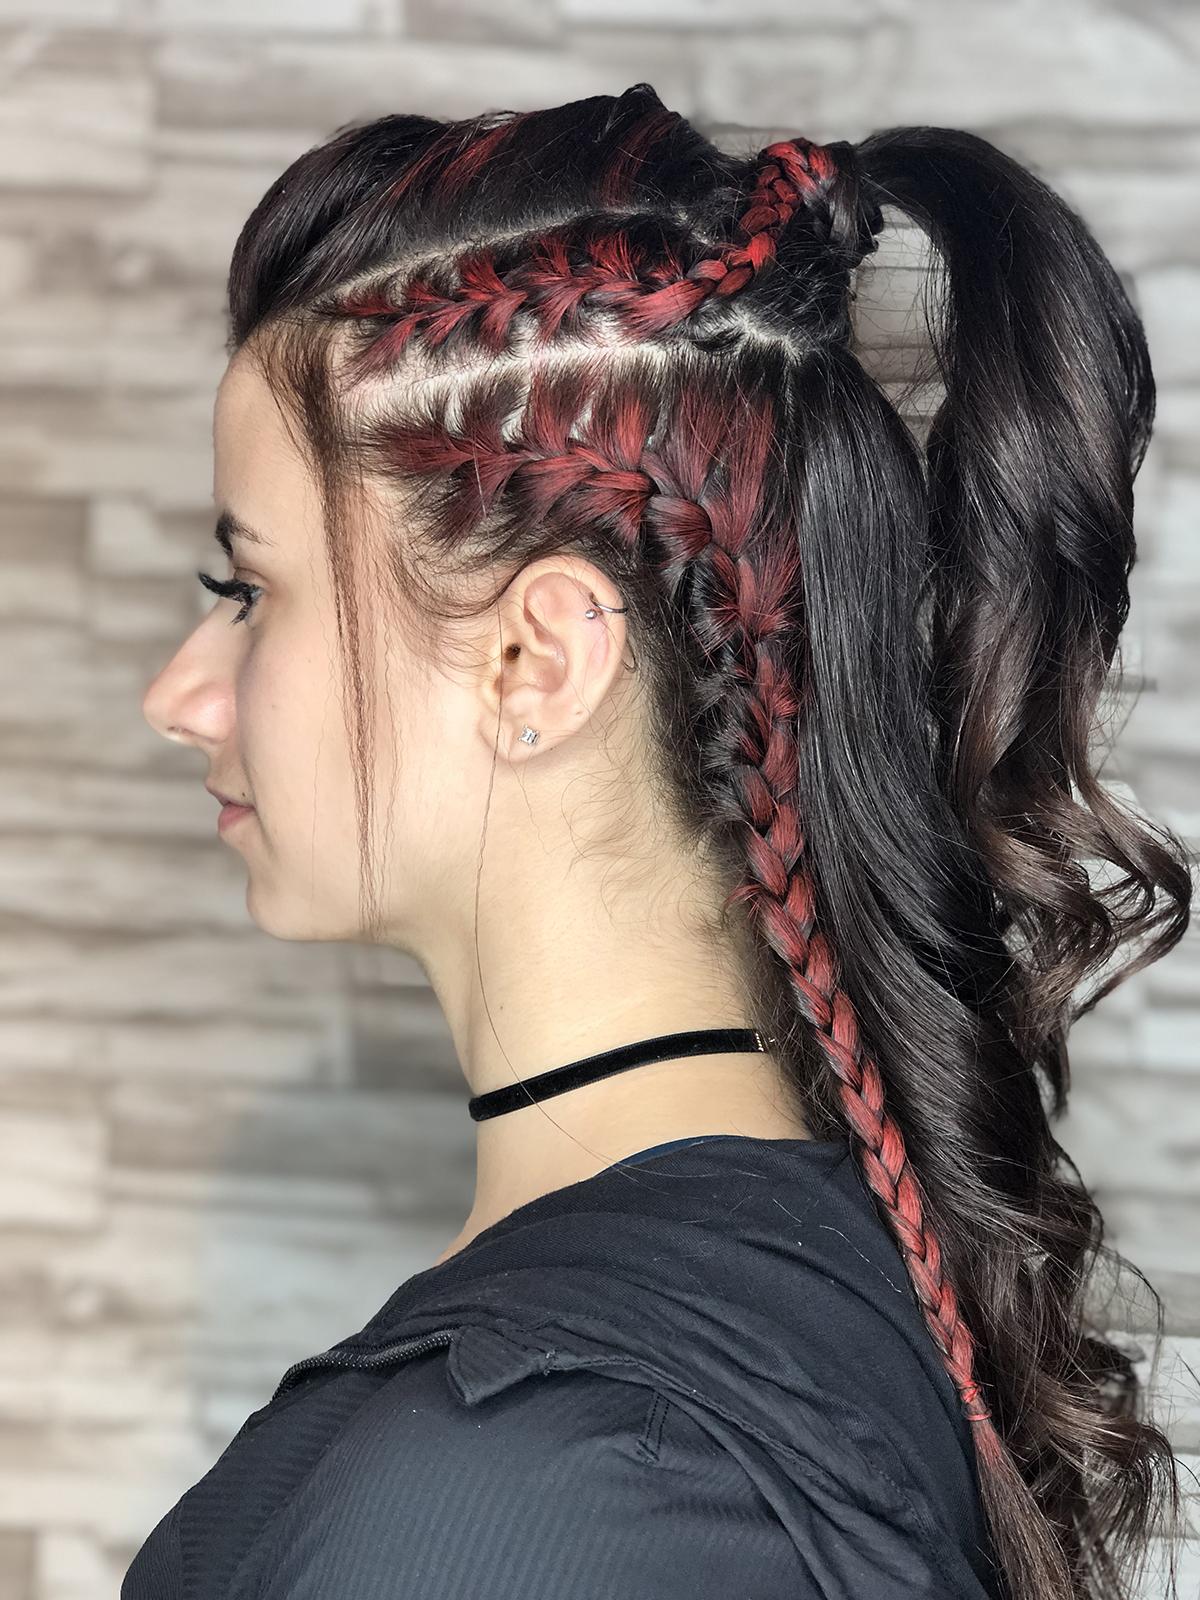 Tacoma Braids and Hair Coloring